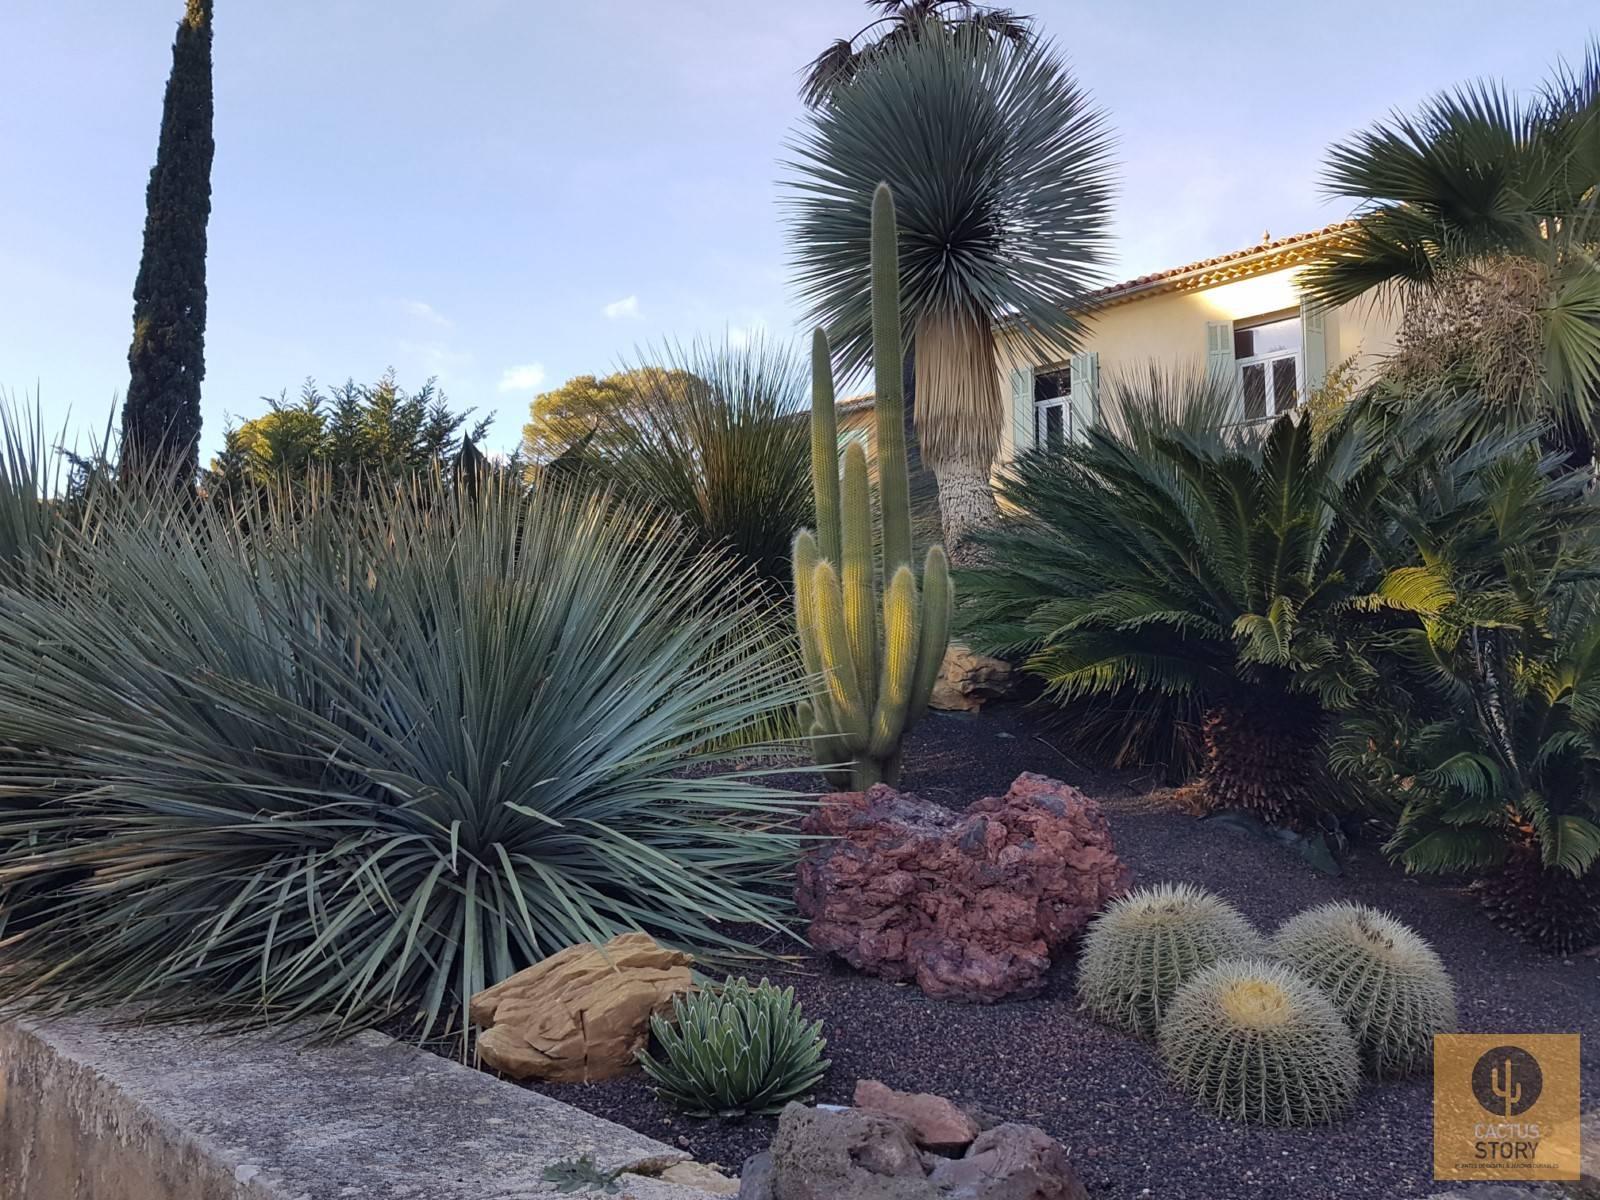 Aménagement D'un Jardin Sec Rocaille - Vente De Cactus Et ... intérieur Creer Un Jardin Sec